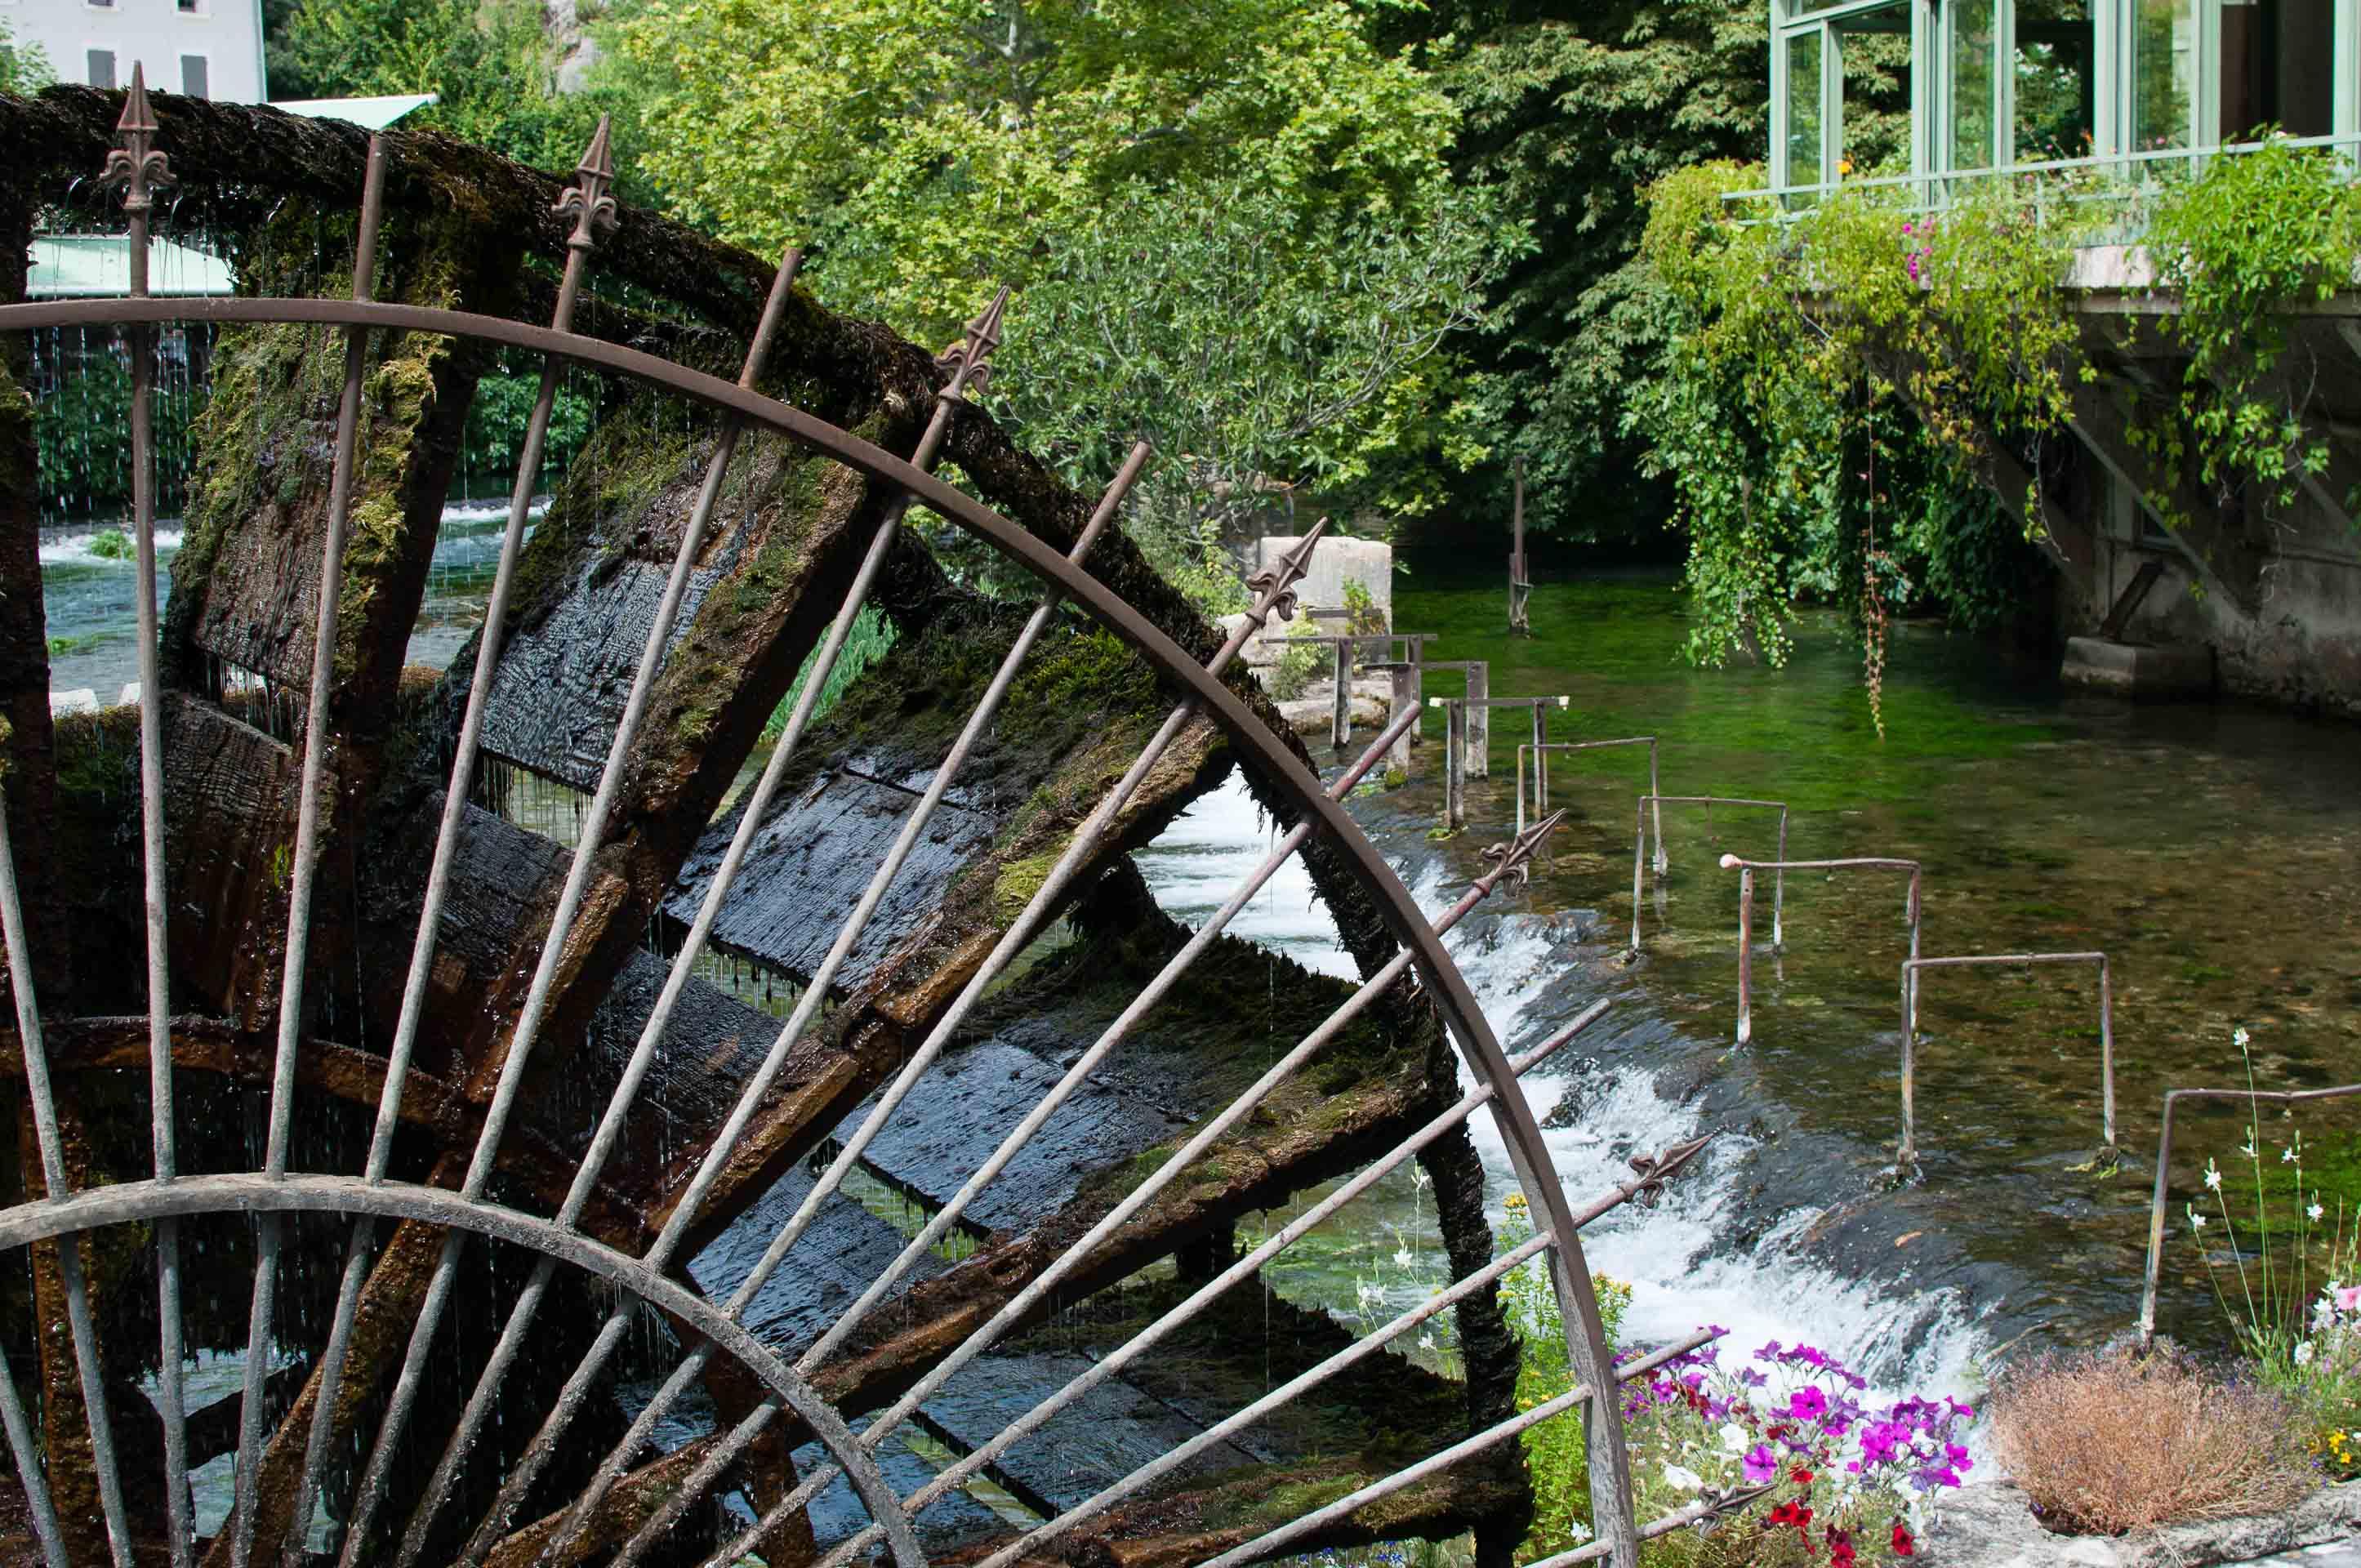 Fontaine de Vaucluse Mulino fiori